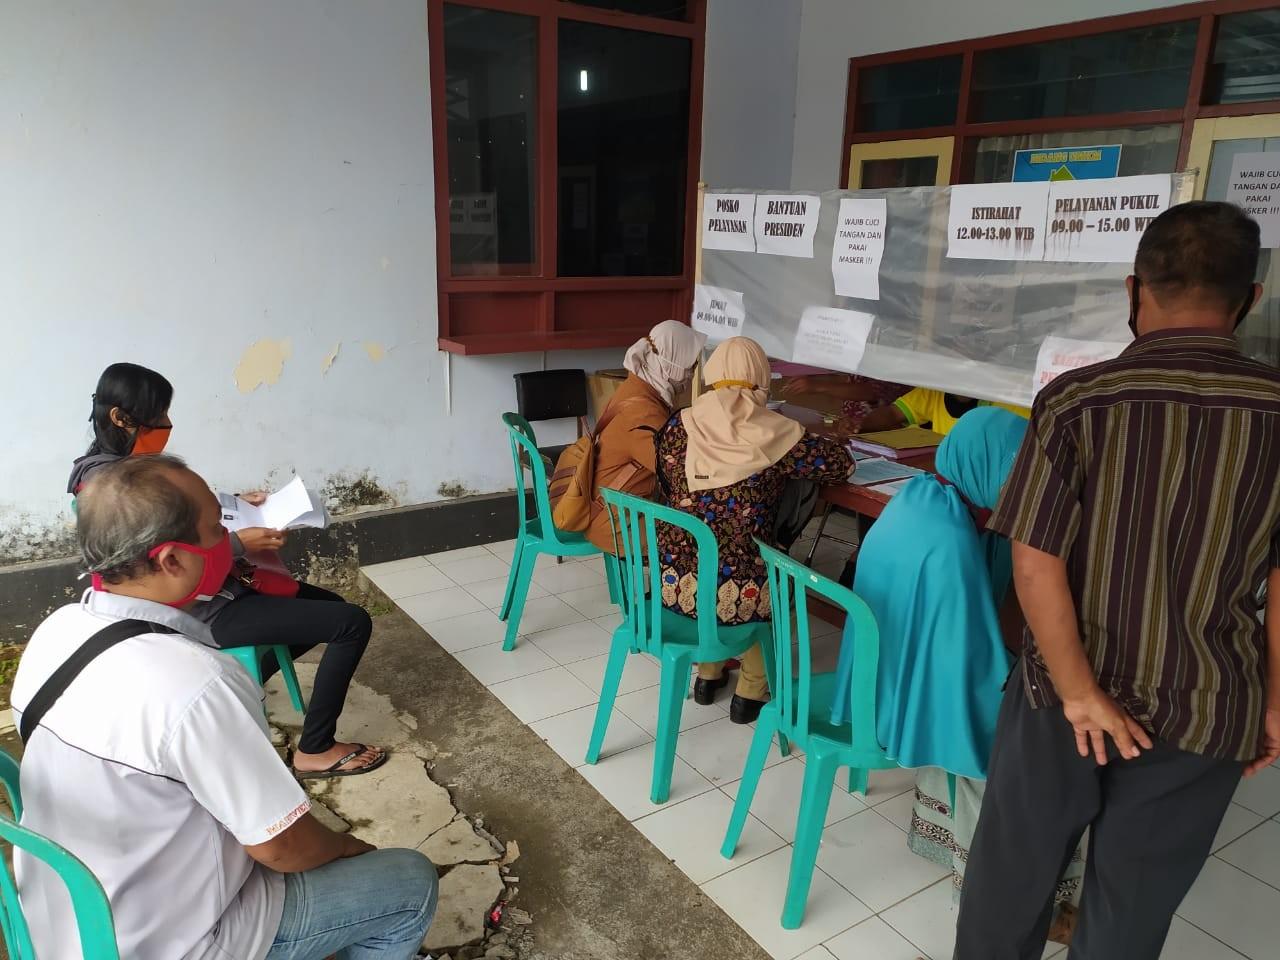 Dinas KUKMP Kab. Purworejo Membuka Posko Pendaftaran Banpres BPUM